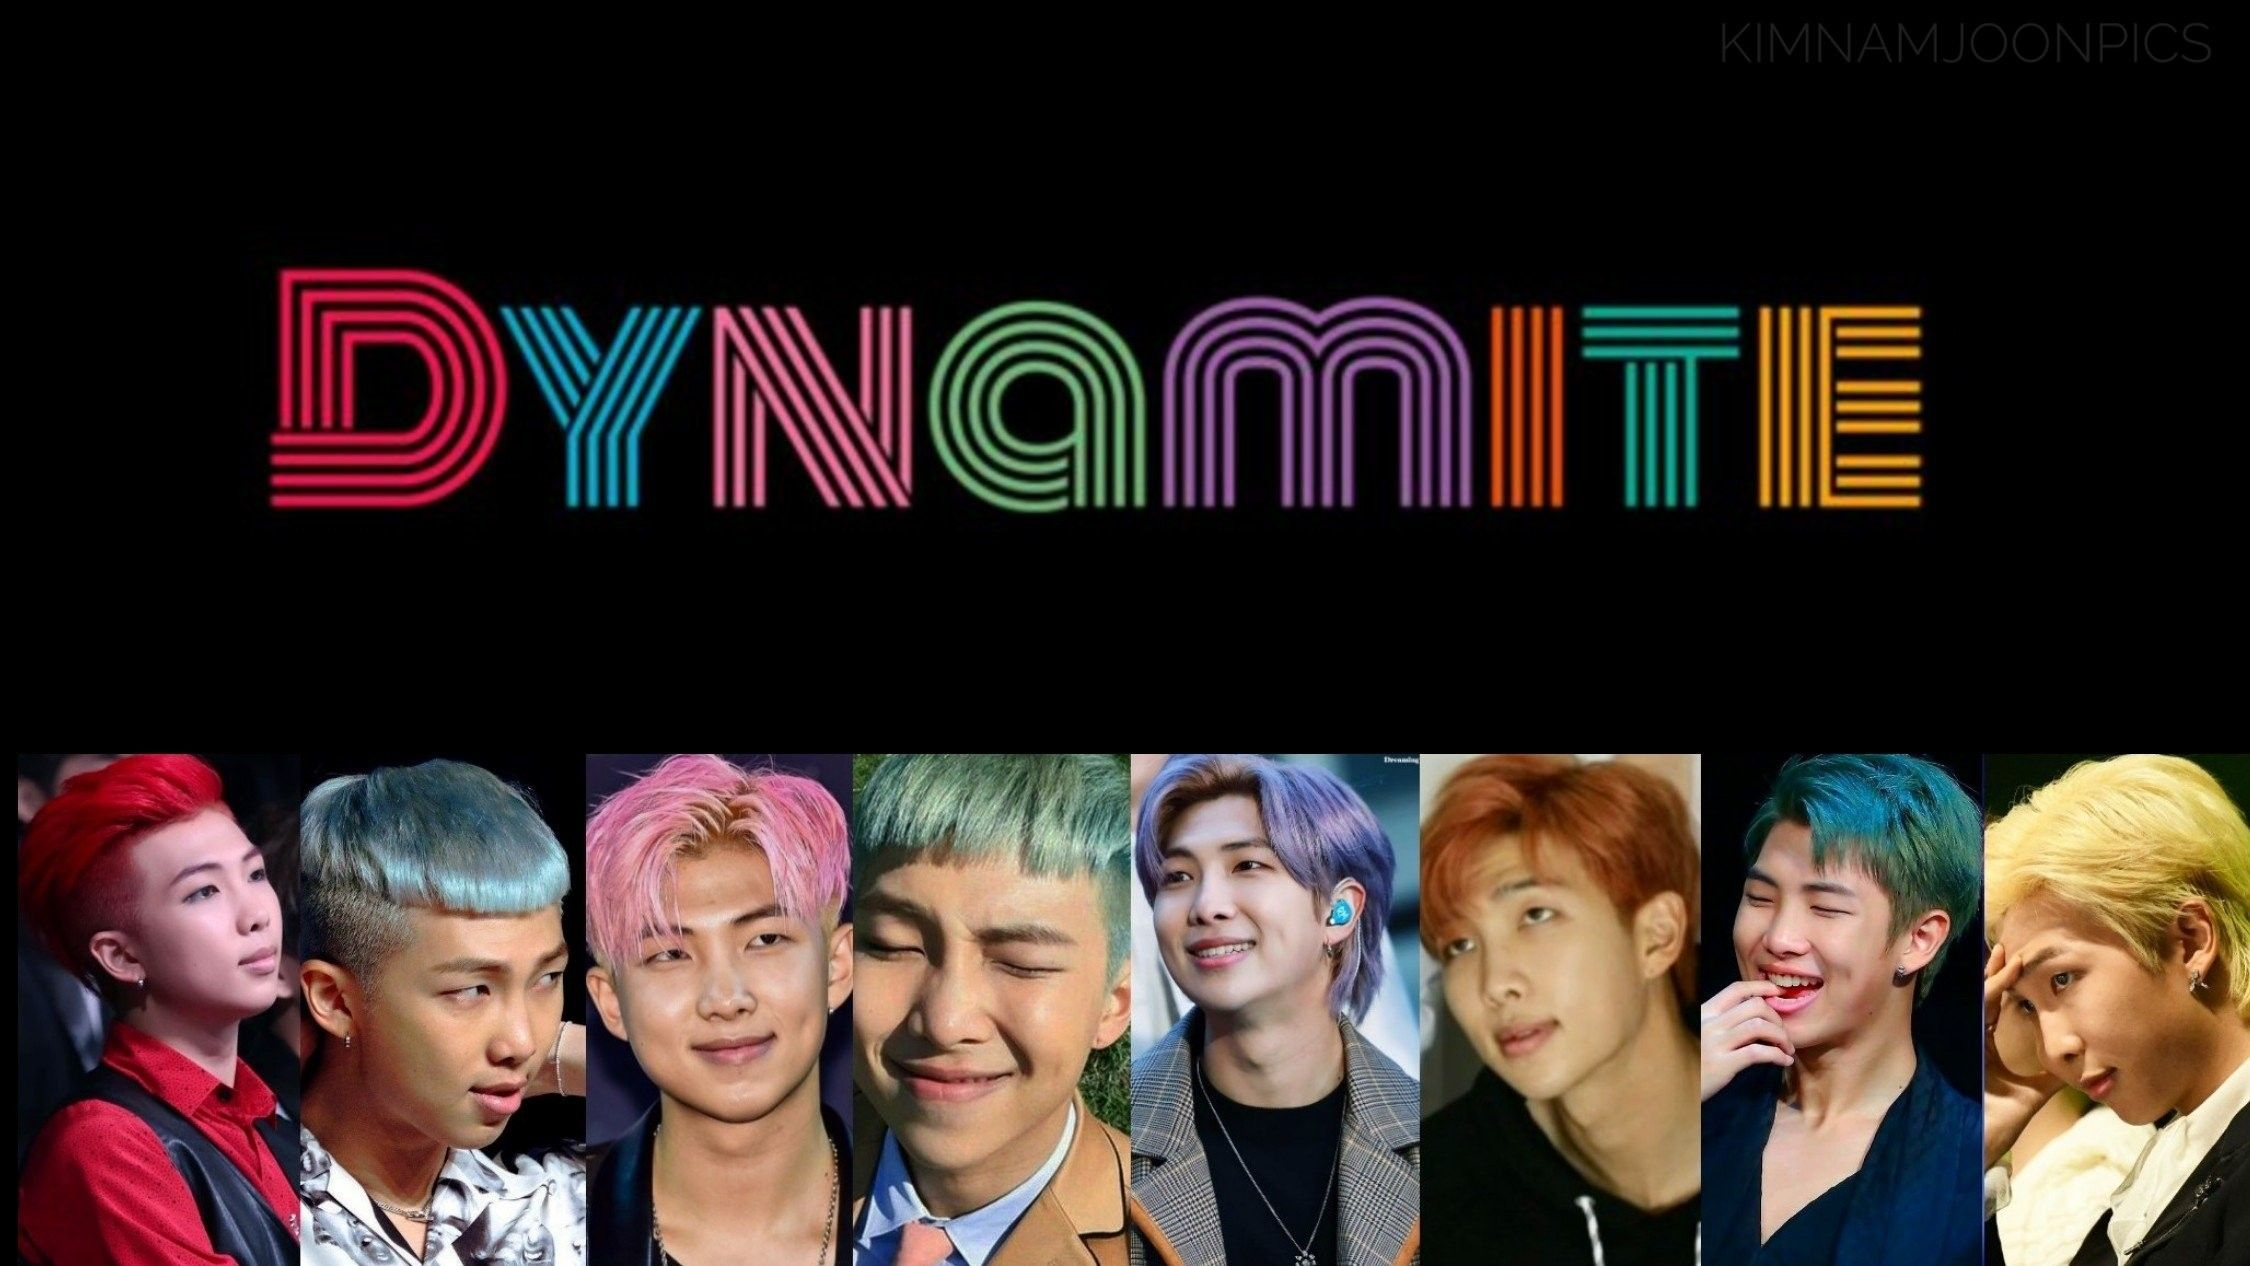 Omg Bts Dynamite In 2020 Bts Rap Monster Namjoon Kim Namjoon